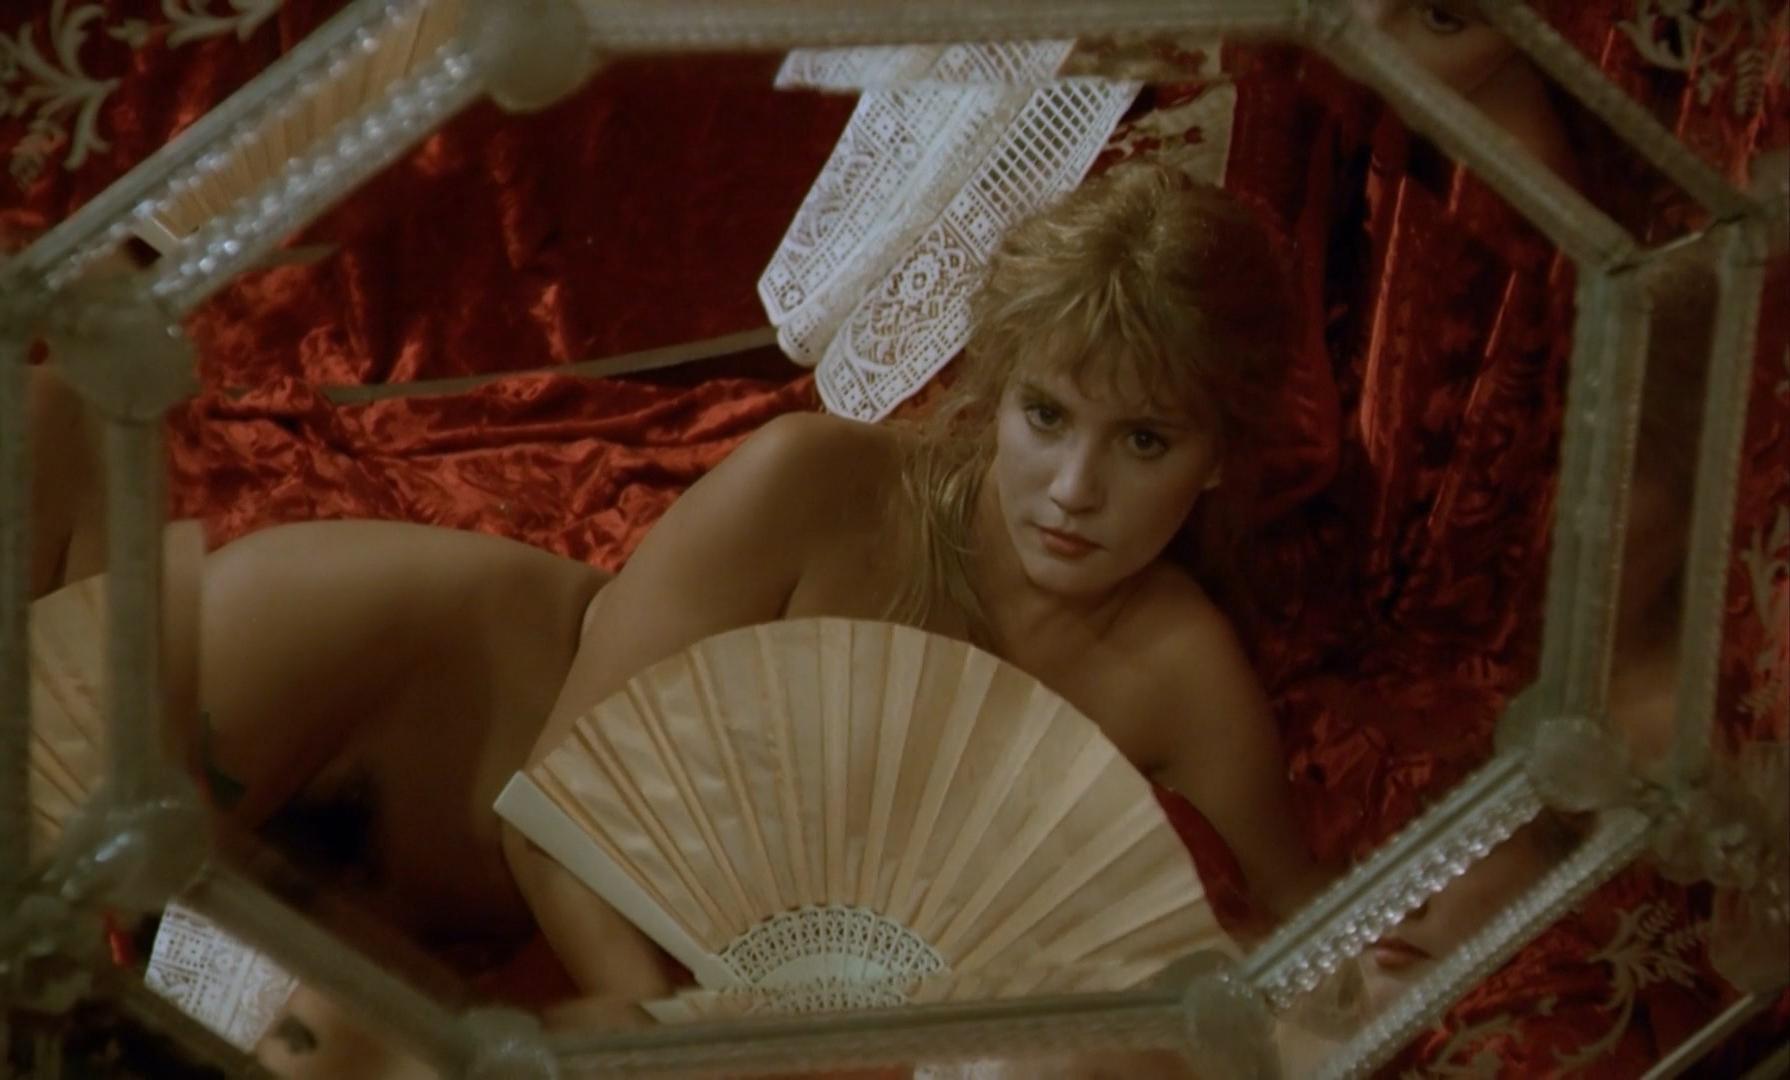 Annie Belle nude - La nuit de Varennes (1982)